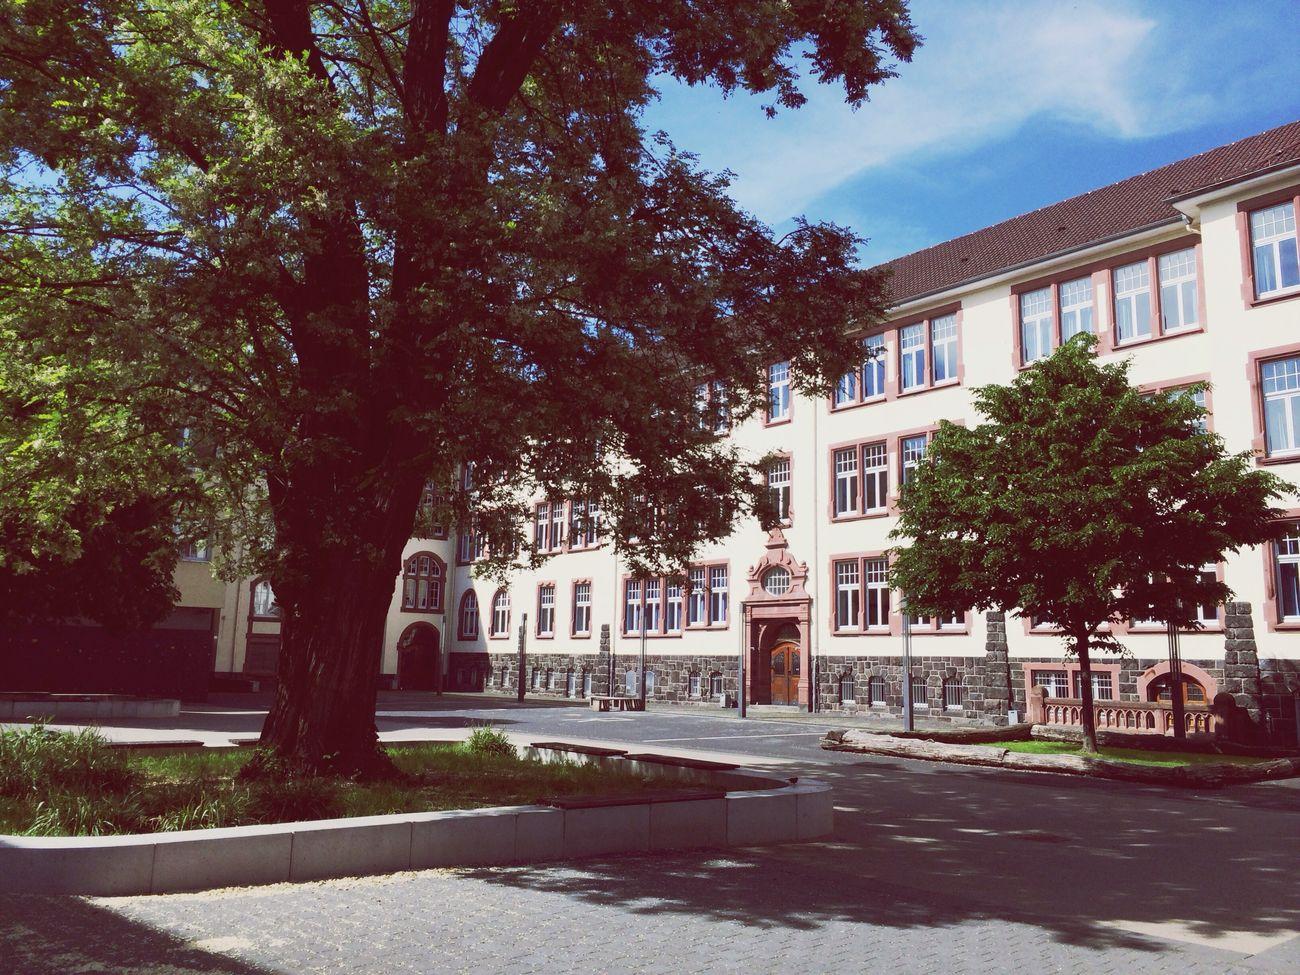 Wählen Europäischesparlament an meiner alten Schule